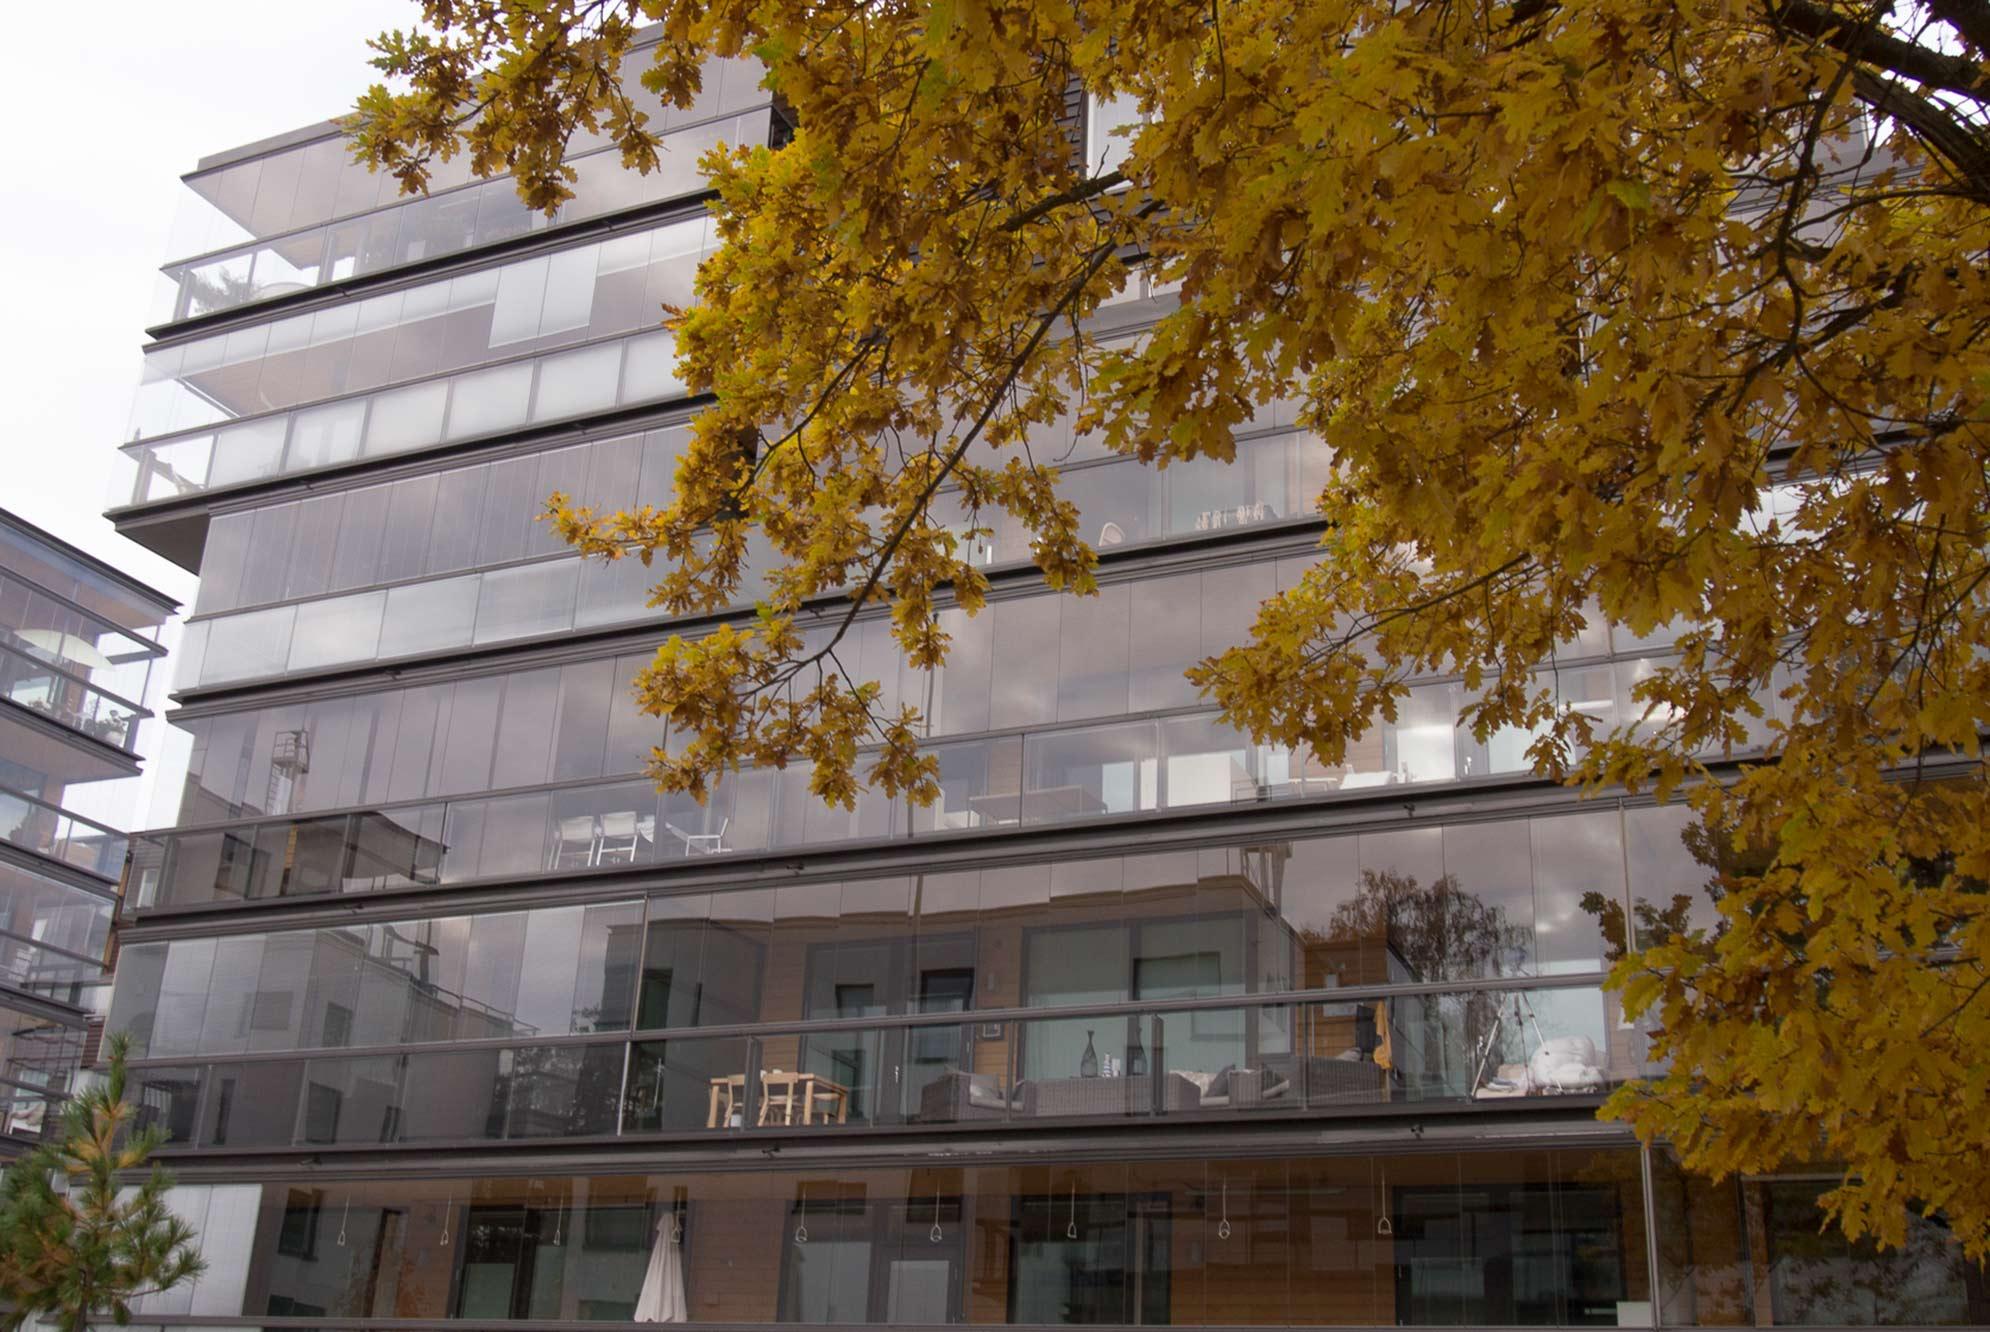 edificios-acristalados-Lumon-norte-europa-5